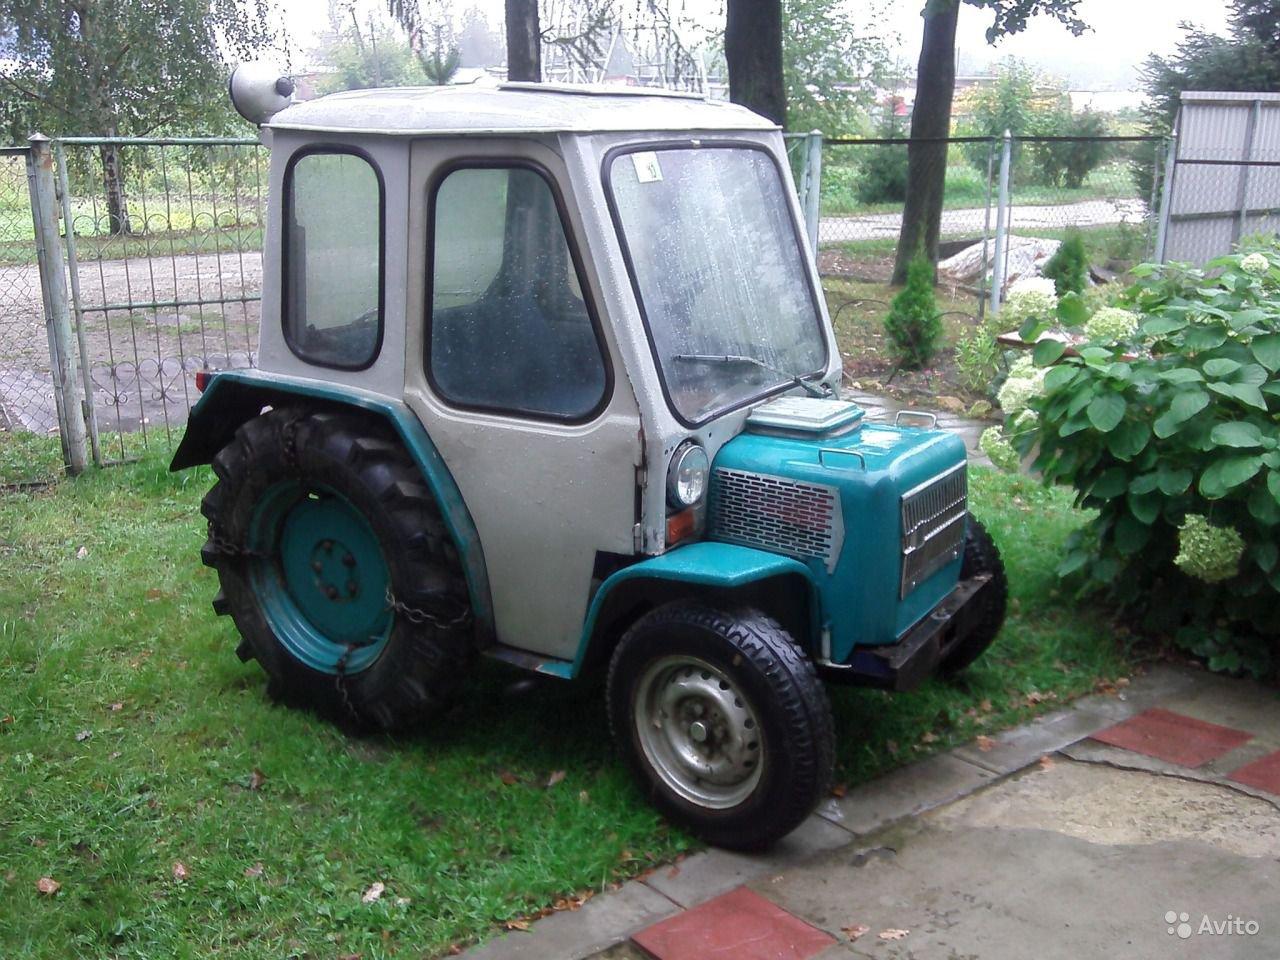 Авито авто трактор самодельный 130